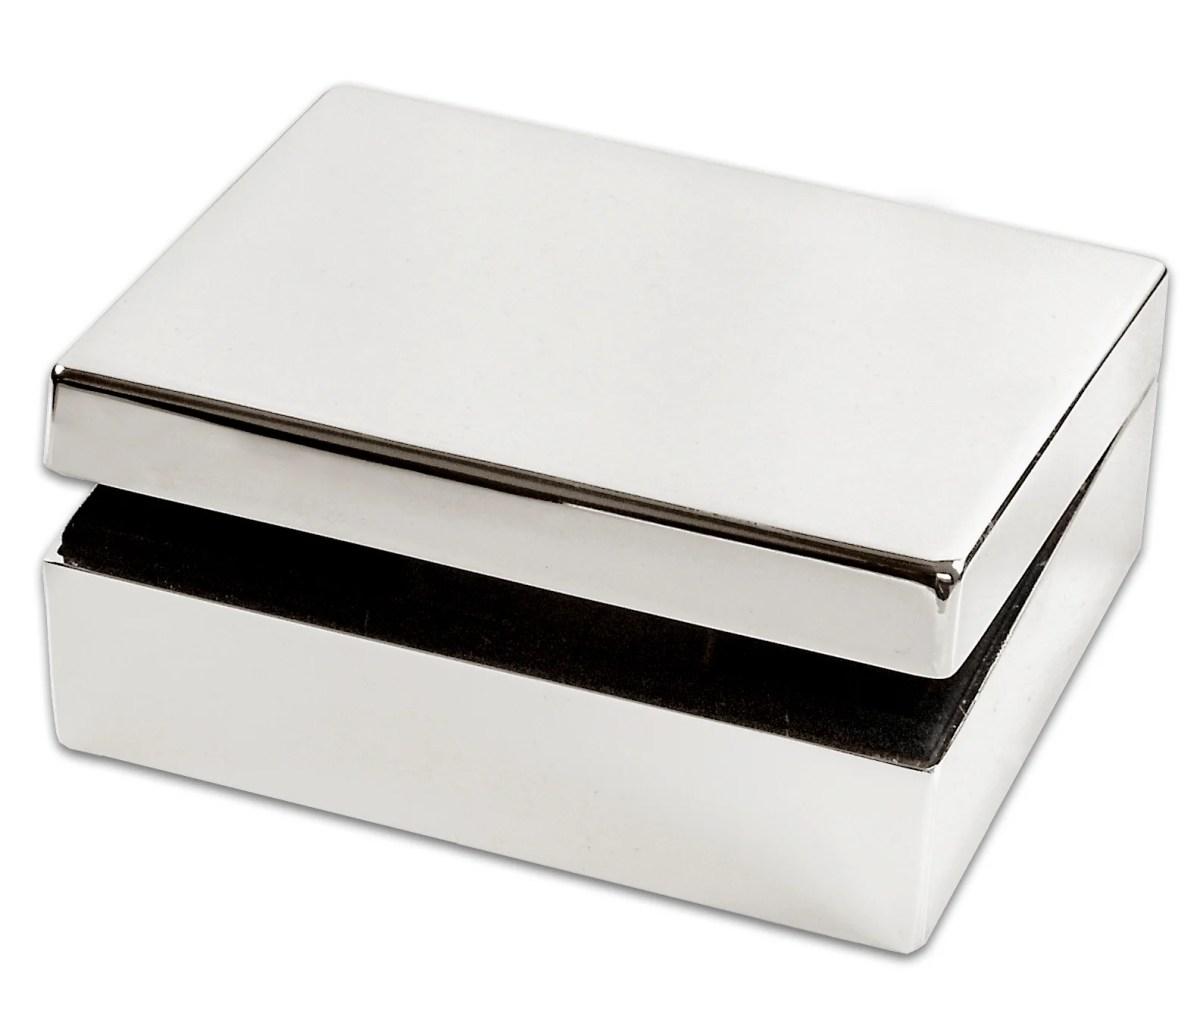 4153 Schmuckdose Java mit Klappdeckel, 8 x 10 cm, Höhe 4 cm, edel versilbert, anlaufgeschützt